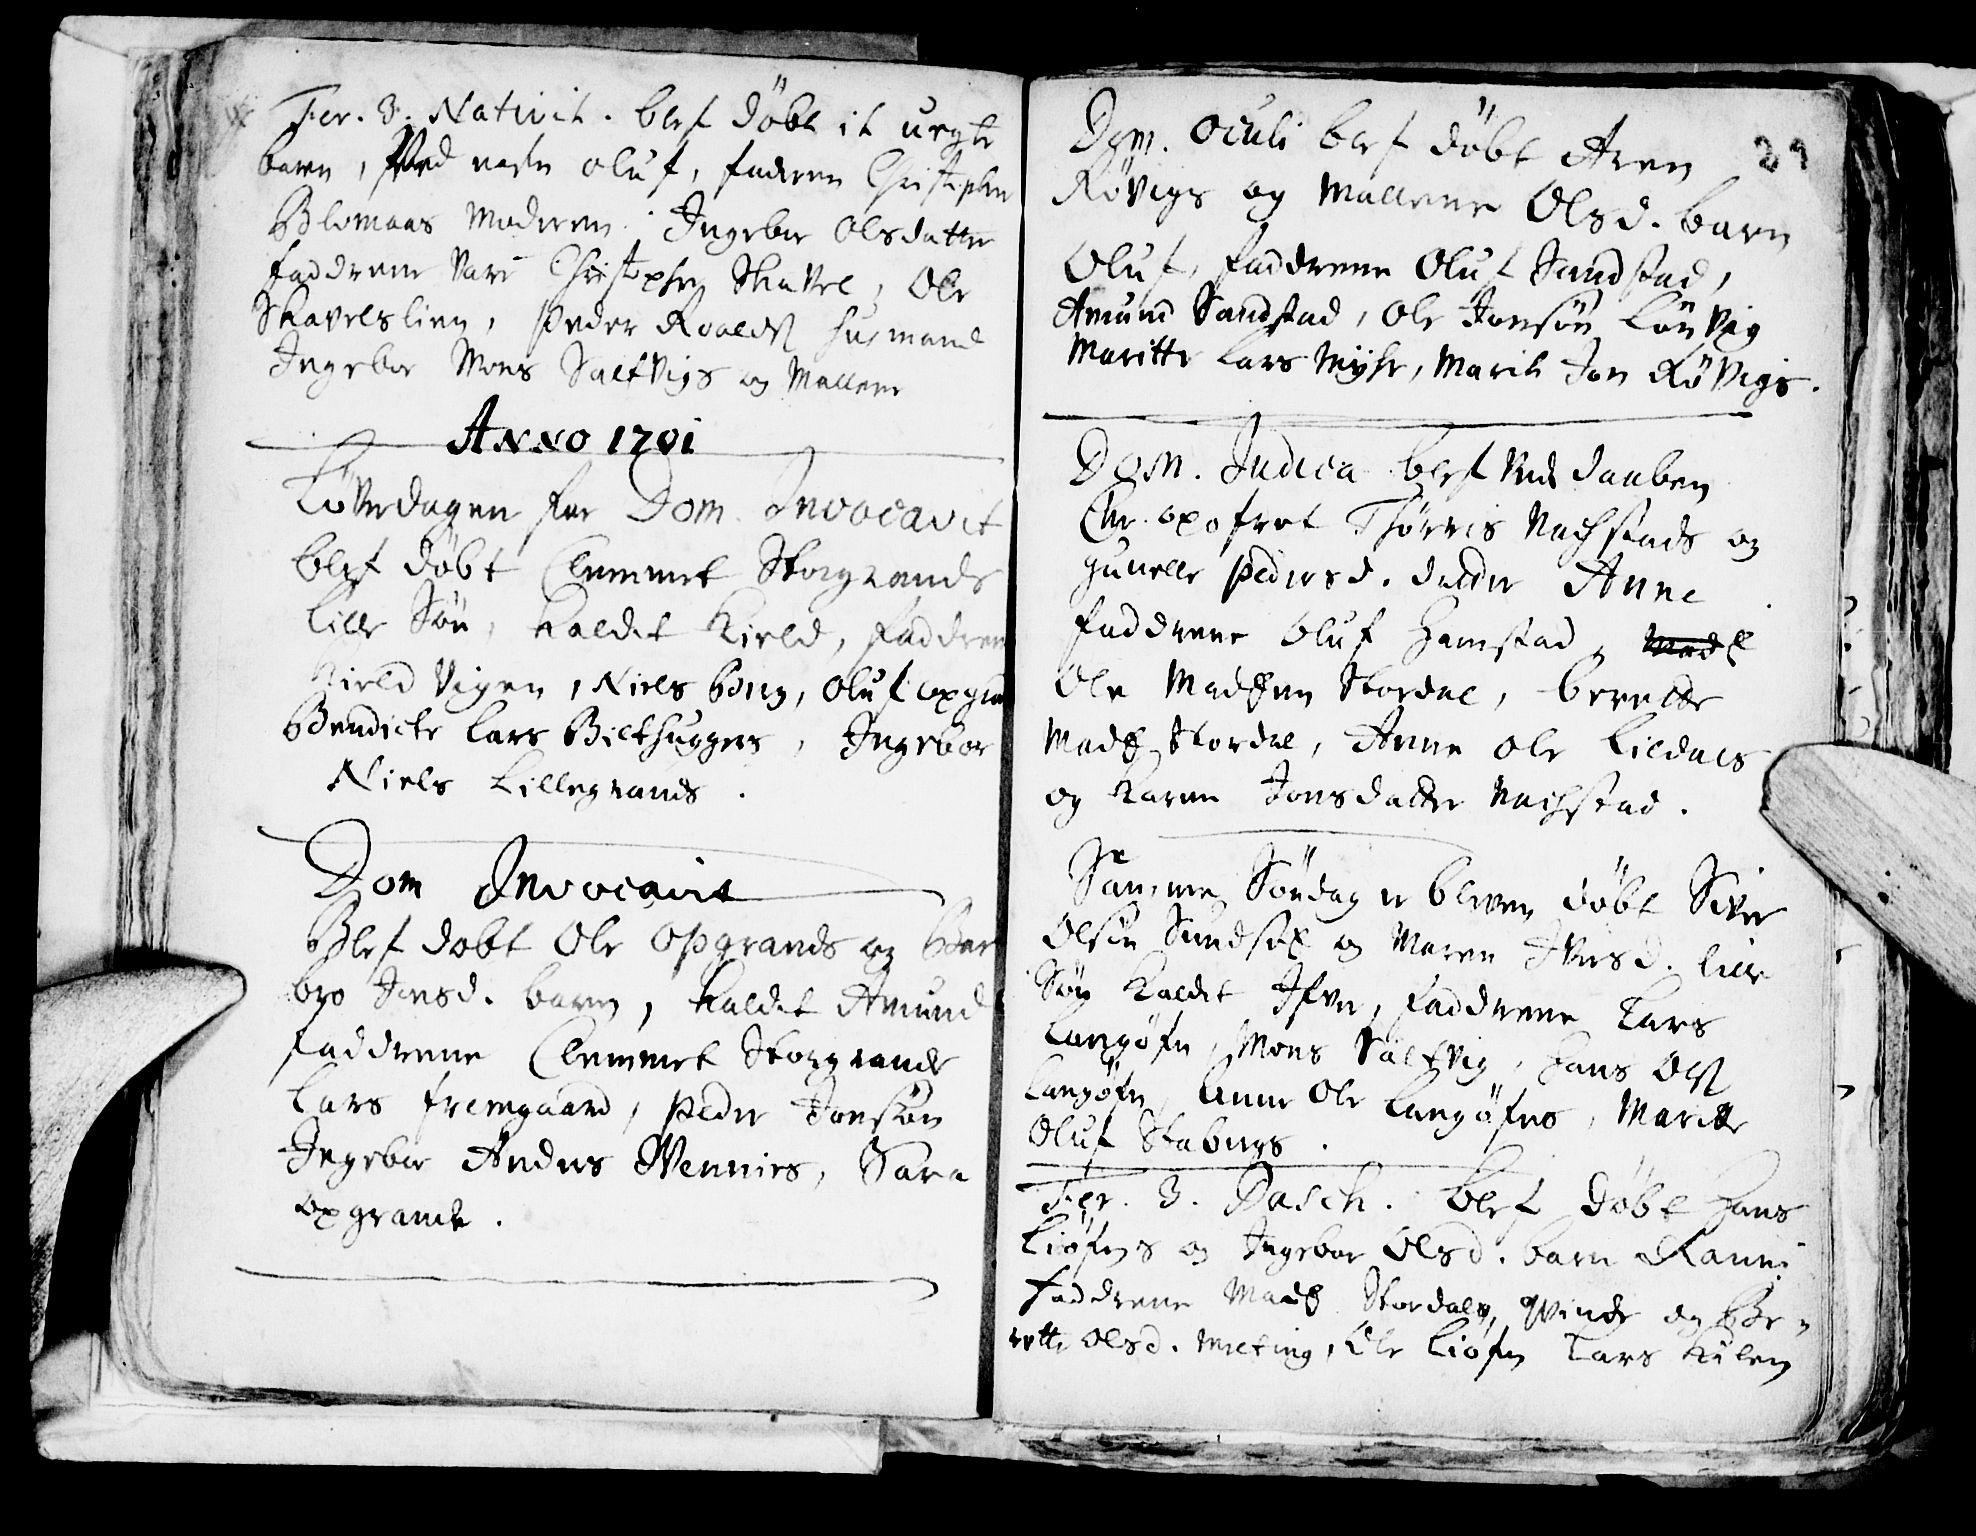 SAT, Ministerialprotokoller, klokkerbøker og fødselsregistre - Nord-Trøndelag, 722/L0214: Ministerialbok nr. 722A01, 1692-1718, s. 29